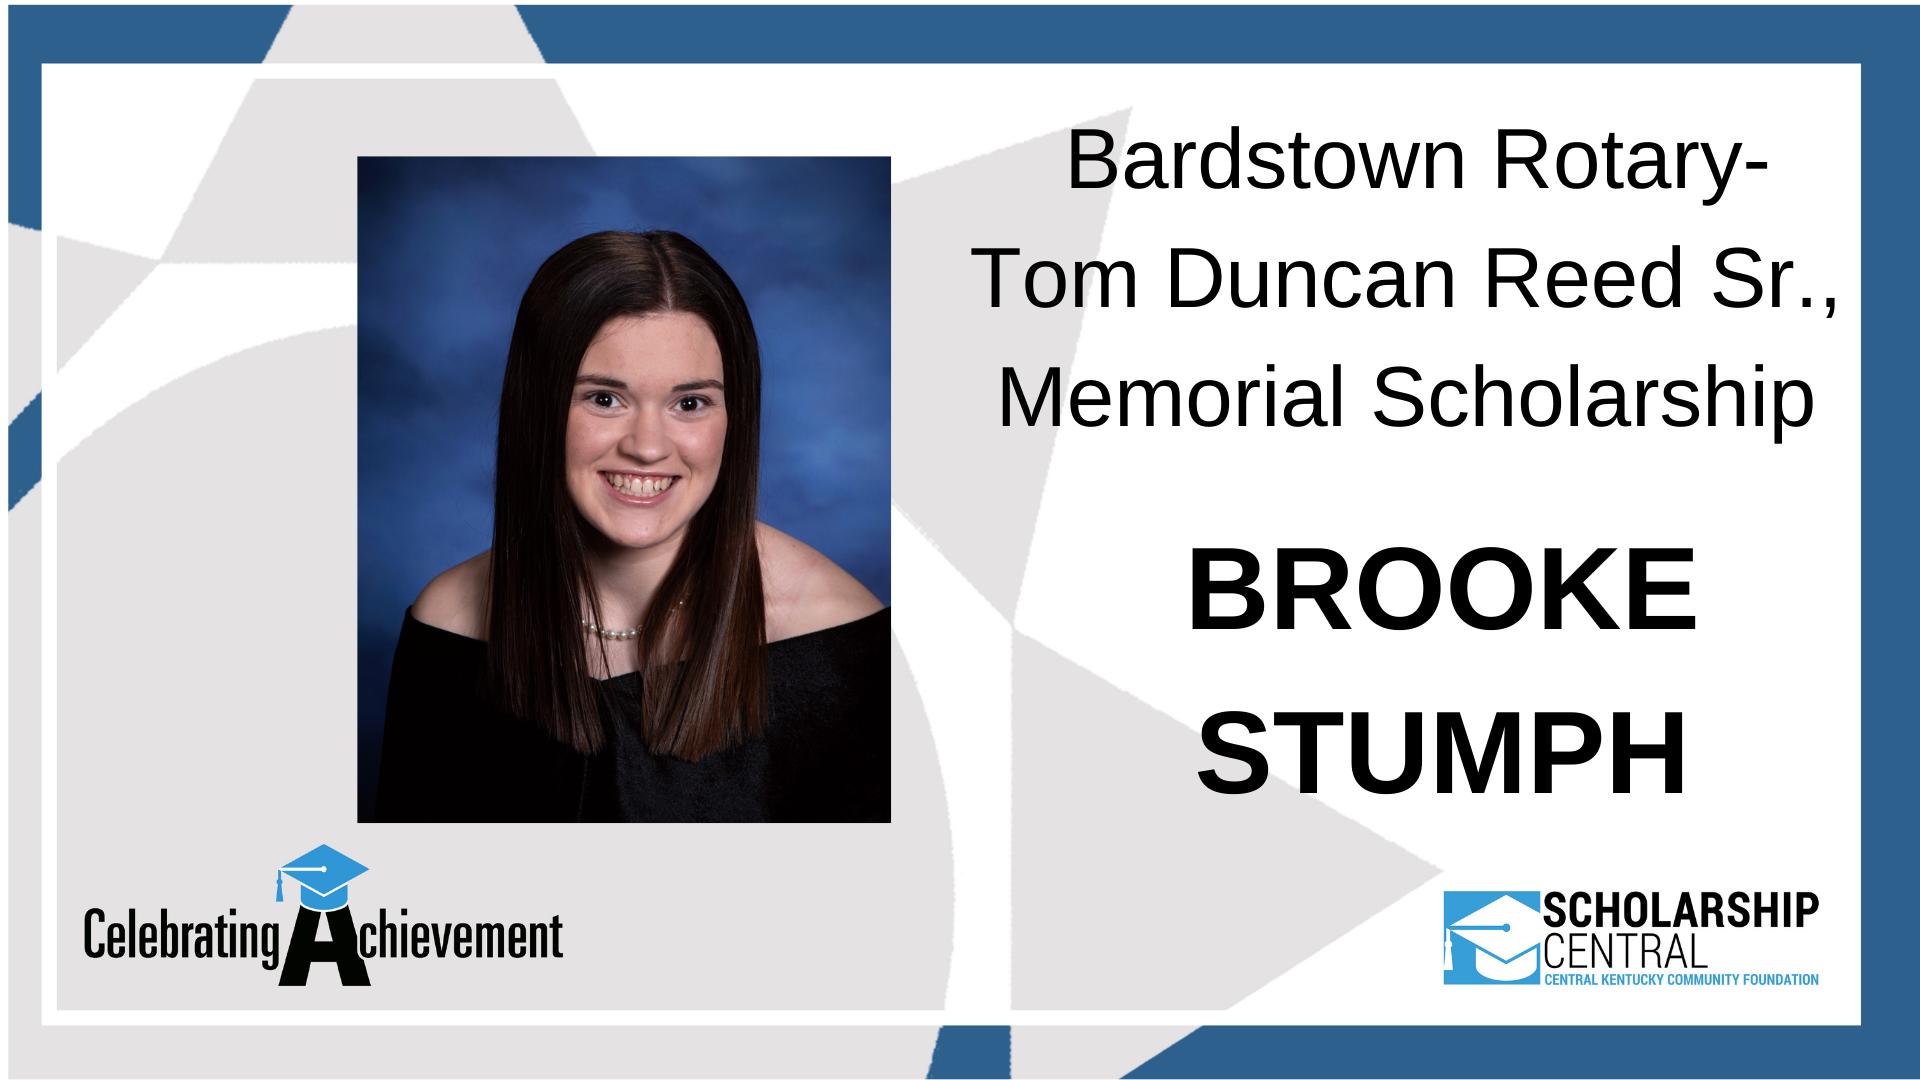 Bardstown Rotary Tom Duncan Reed Sr Memorial Scholarship Winner